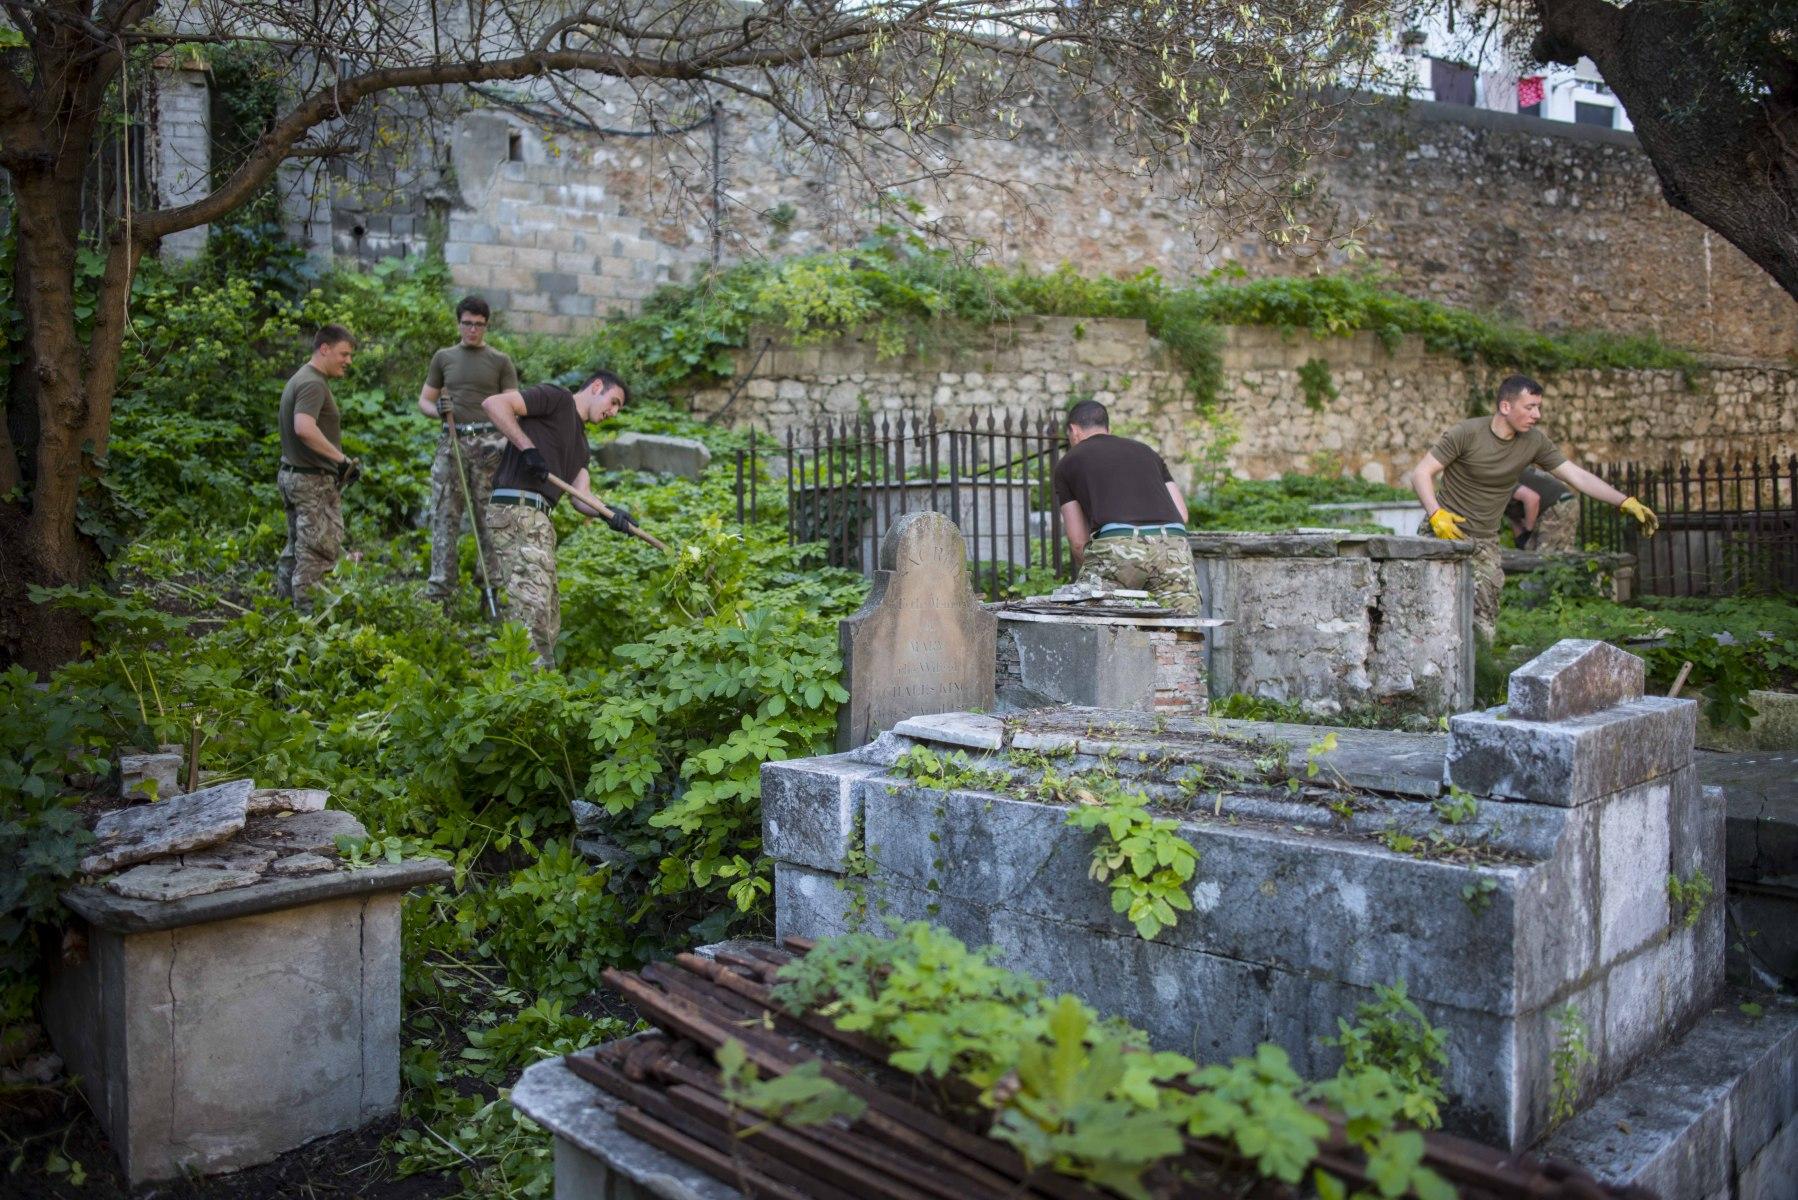 restauracin-cementerio-witham-8_24850848543_o